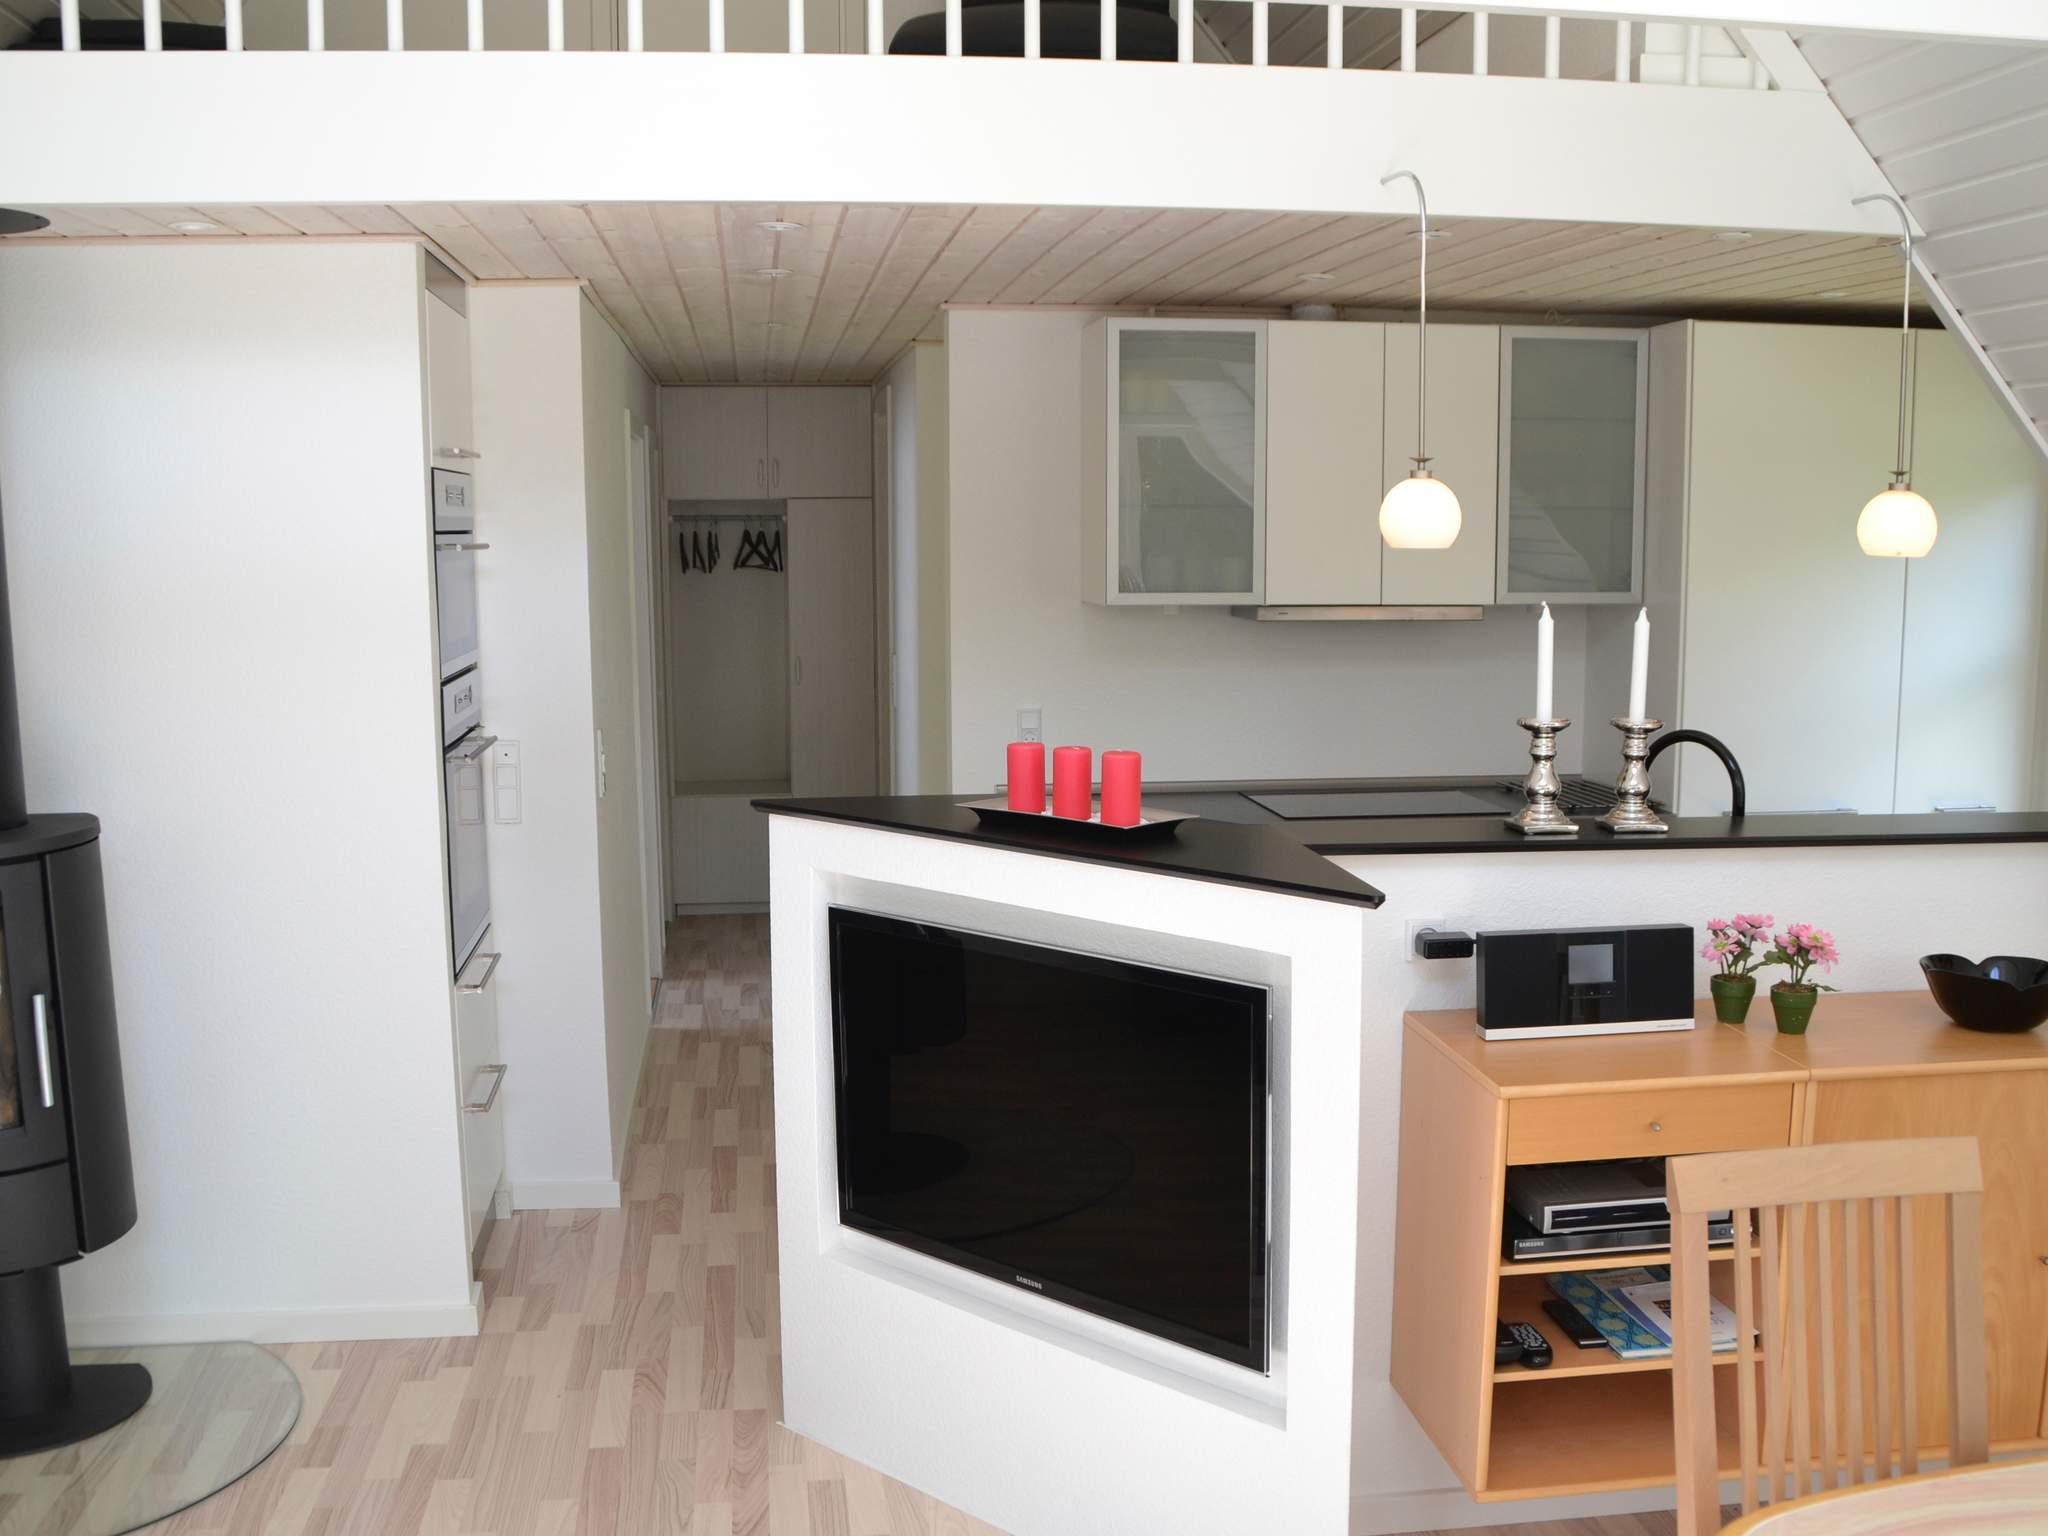 Ferienhaus Jegum (241722), Jegum, , Westjütland, Dänemark, Bild 5